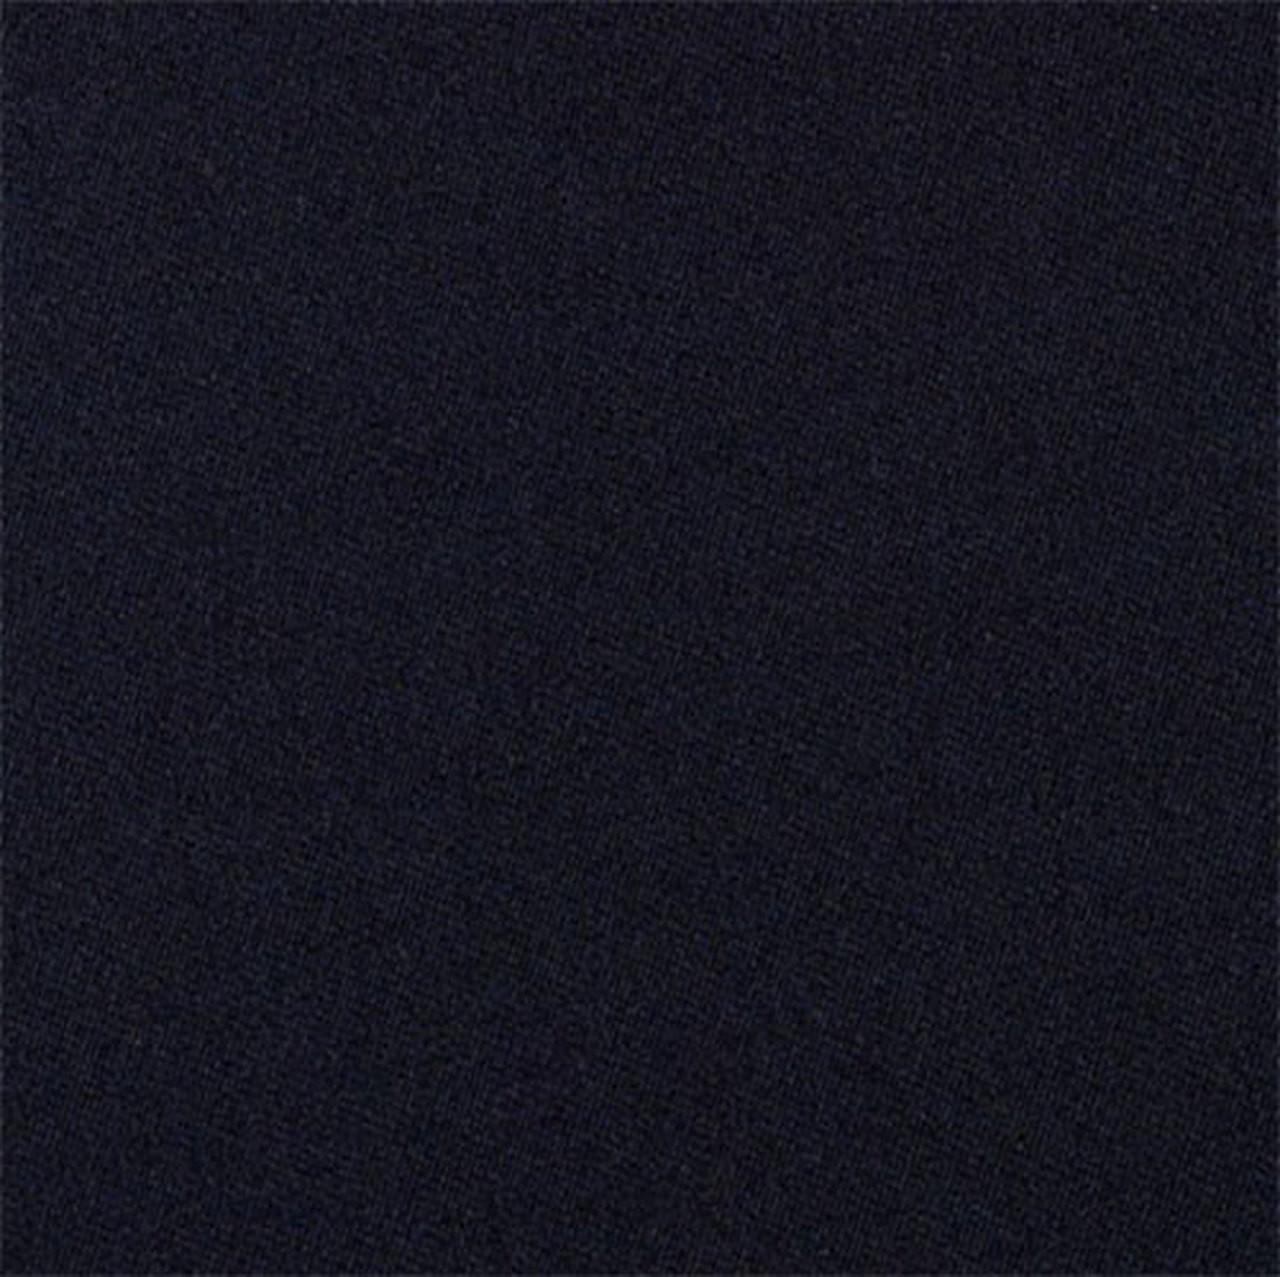 Simonis 860 Marine Blue Pool Table Felt - 7ft